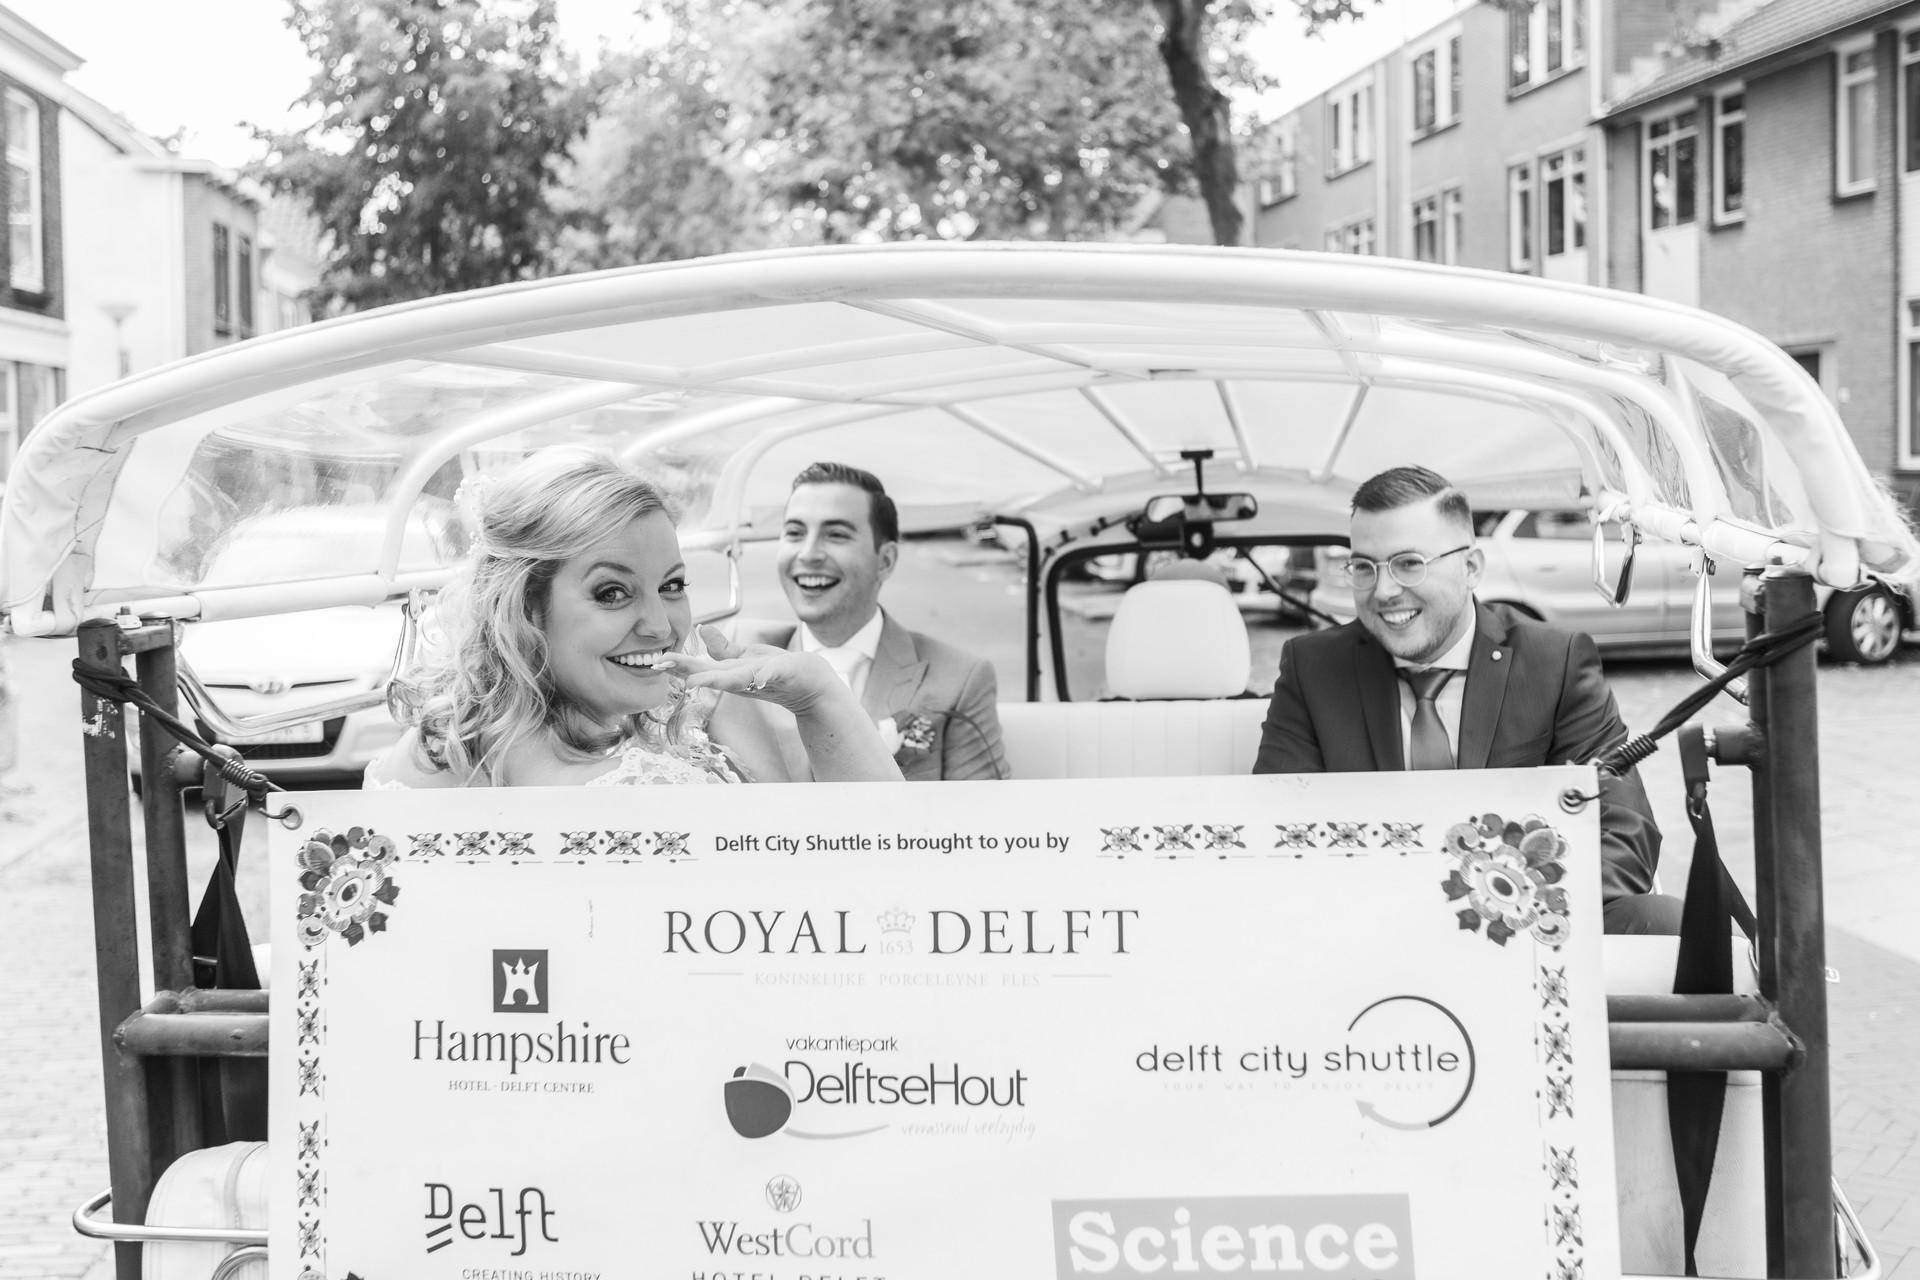 Trouwfoto van het bruidspaar in de Delft City Shuttle